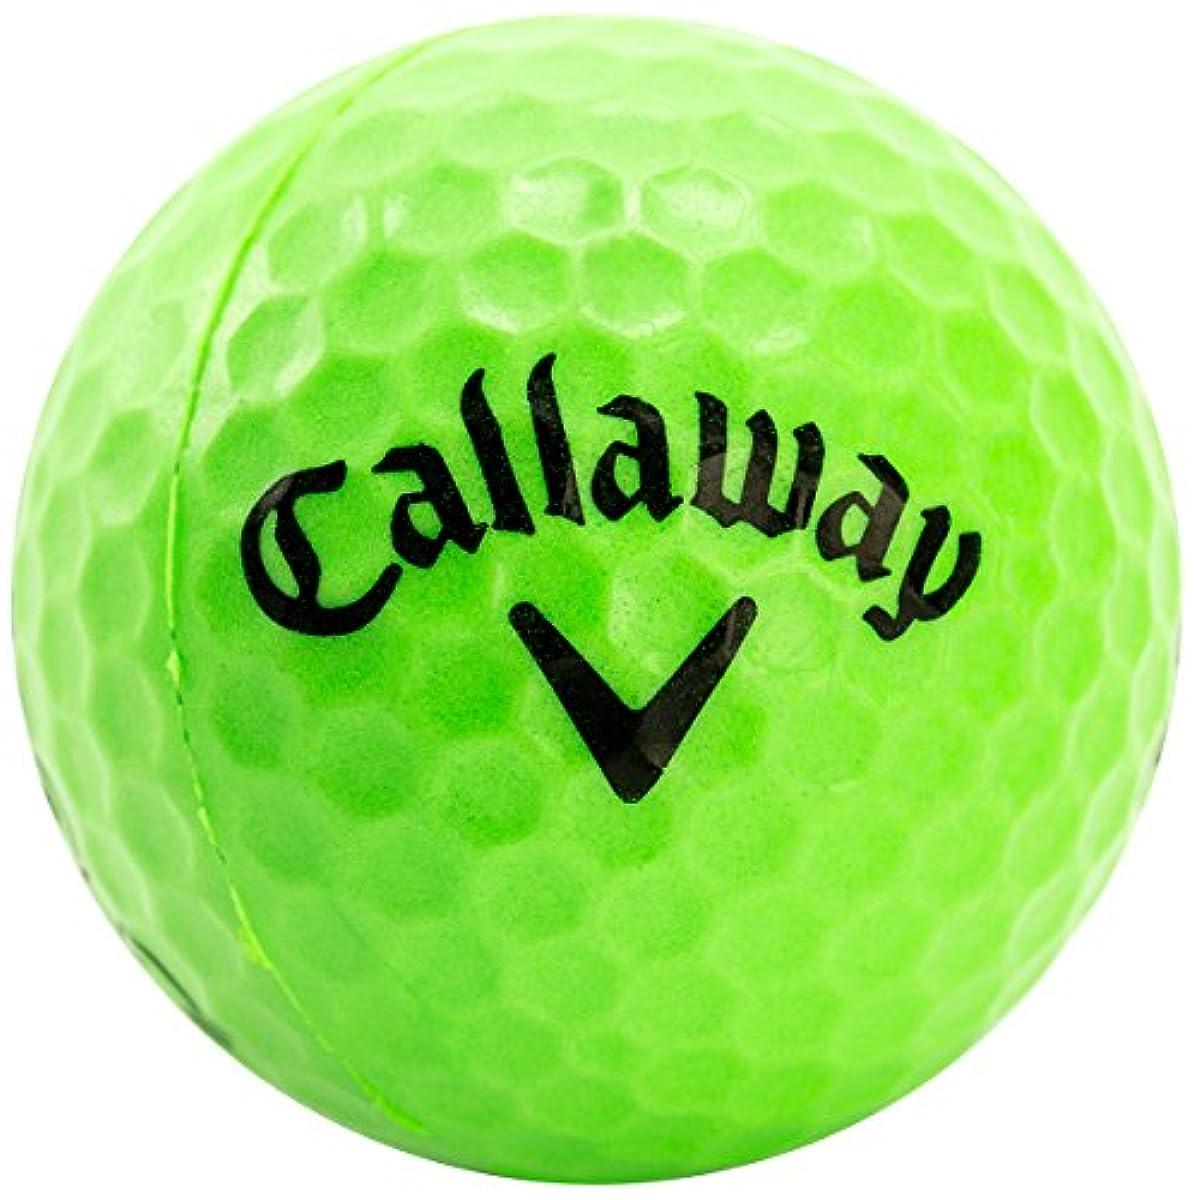 [해외] 캘러웨이고르프 CALLAWAY GOLF 연습 기구 헥스 프랙티스(Practice) 볼 9개 들이